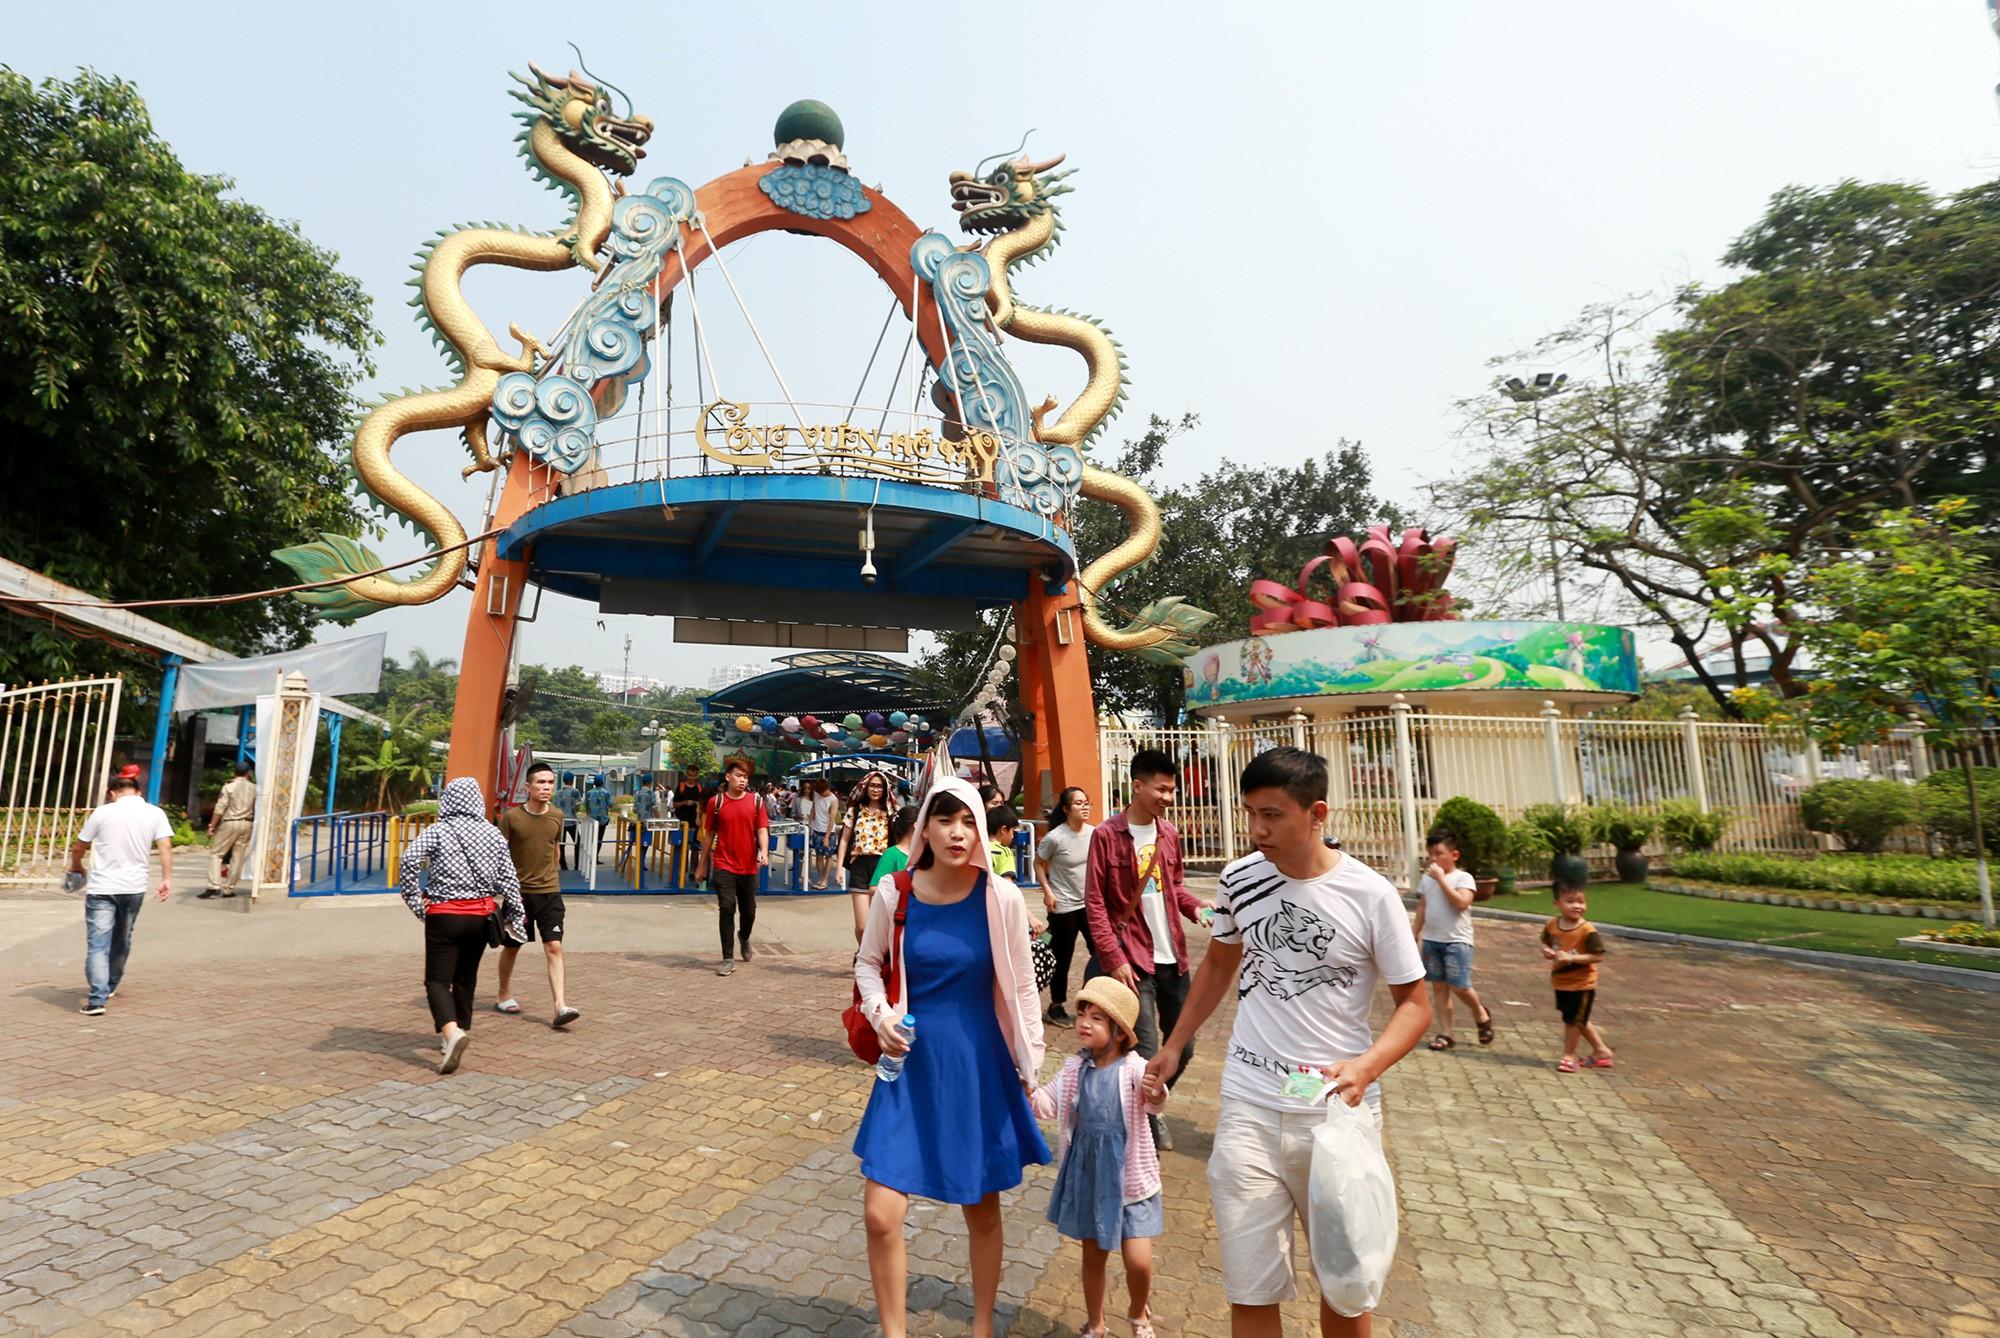 Hà Nội: Gần 1 vạn người đổ về công viên Hồ Tây ngày cuối tuần - Ảnh 3.